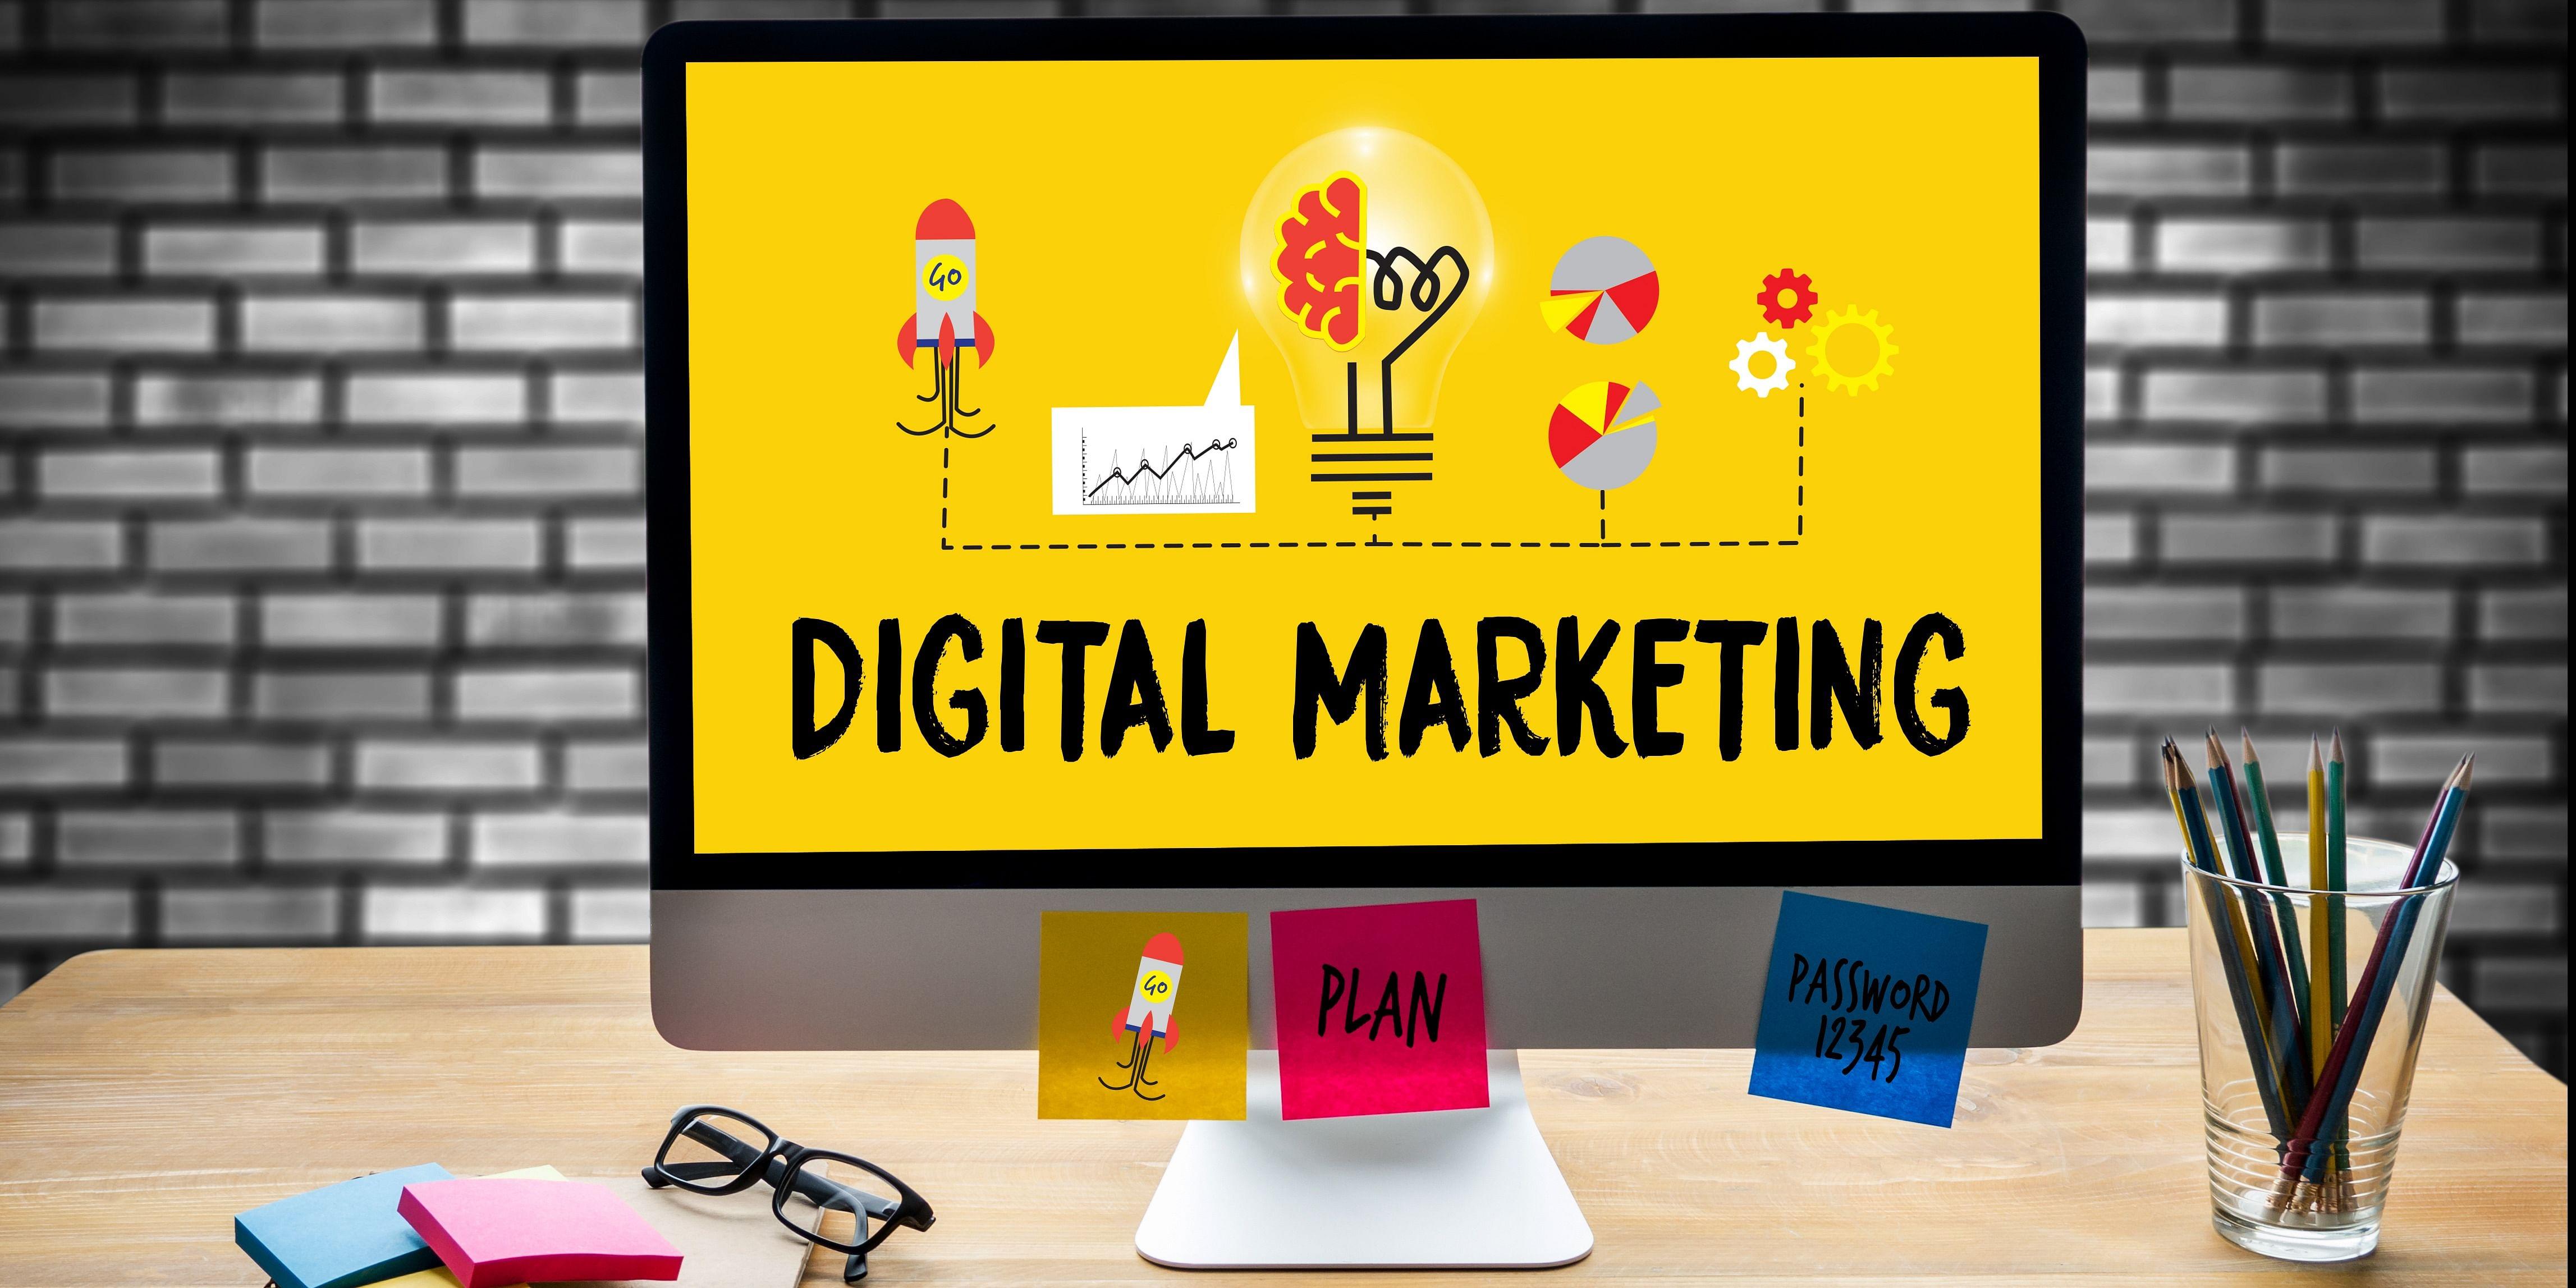 Digital Marketing Trends - 2018